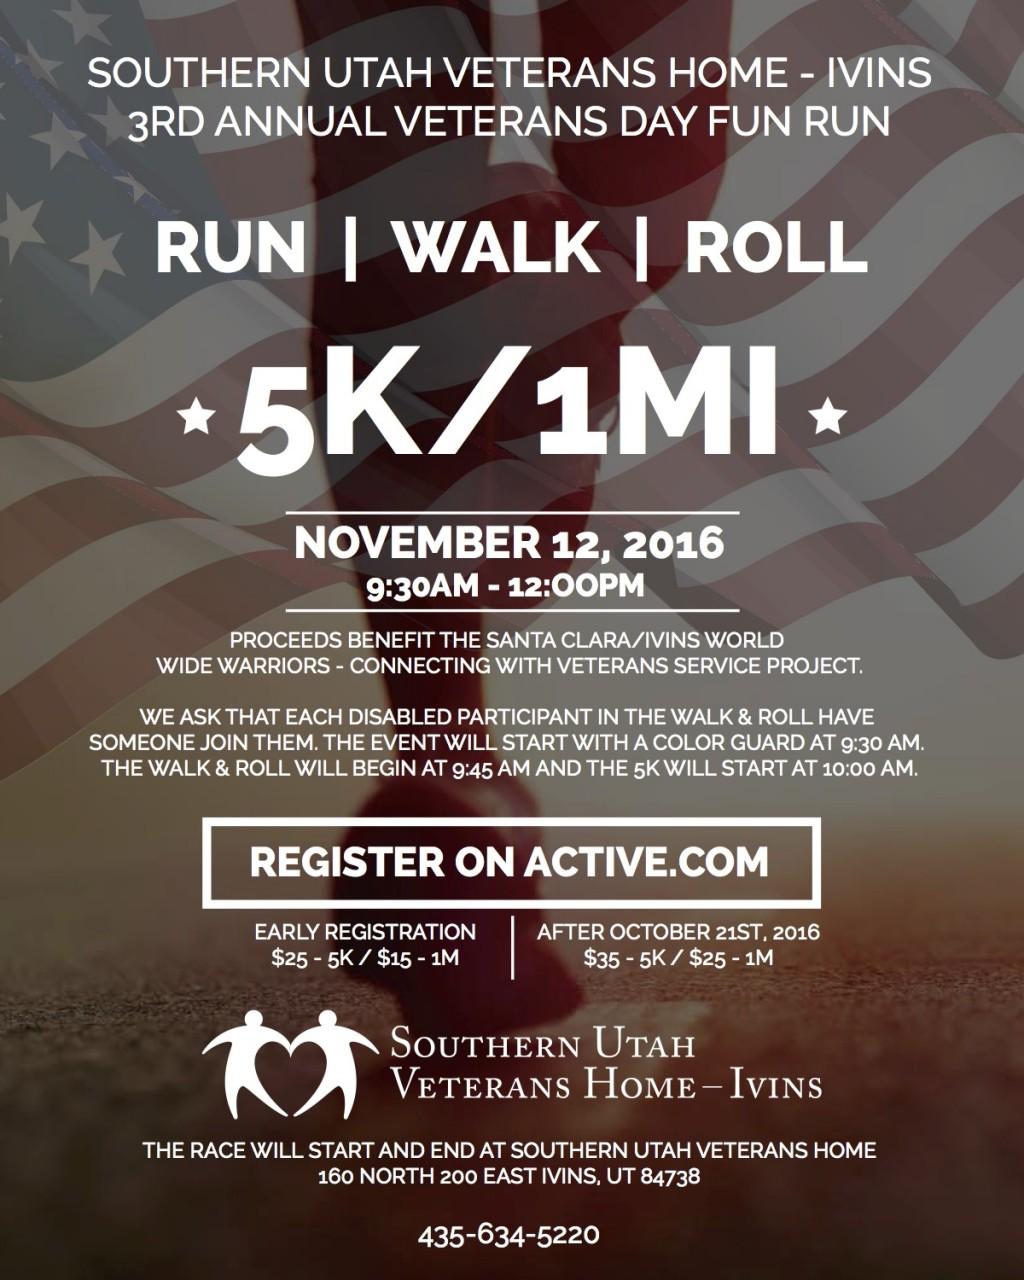 3rd Annual Veterans Day 5k & Fun Run - Southern Utah Cares